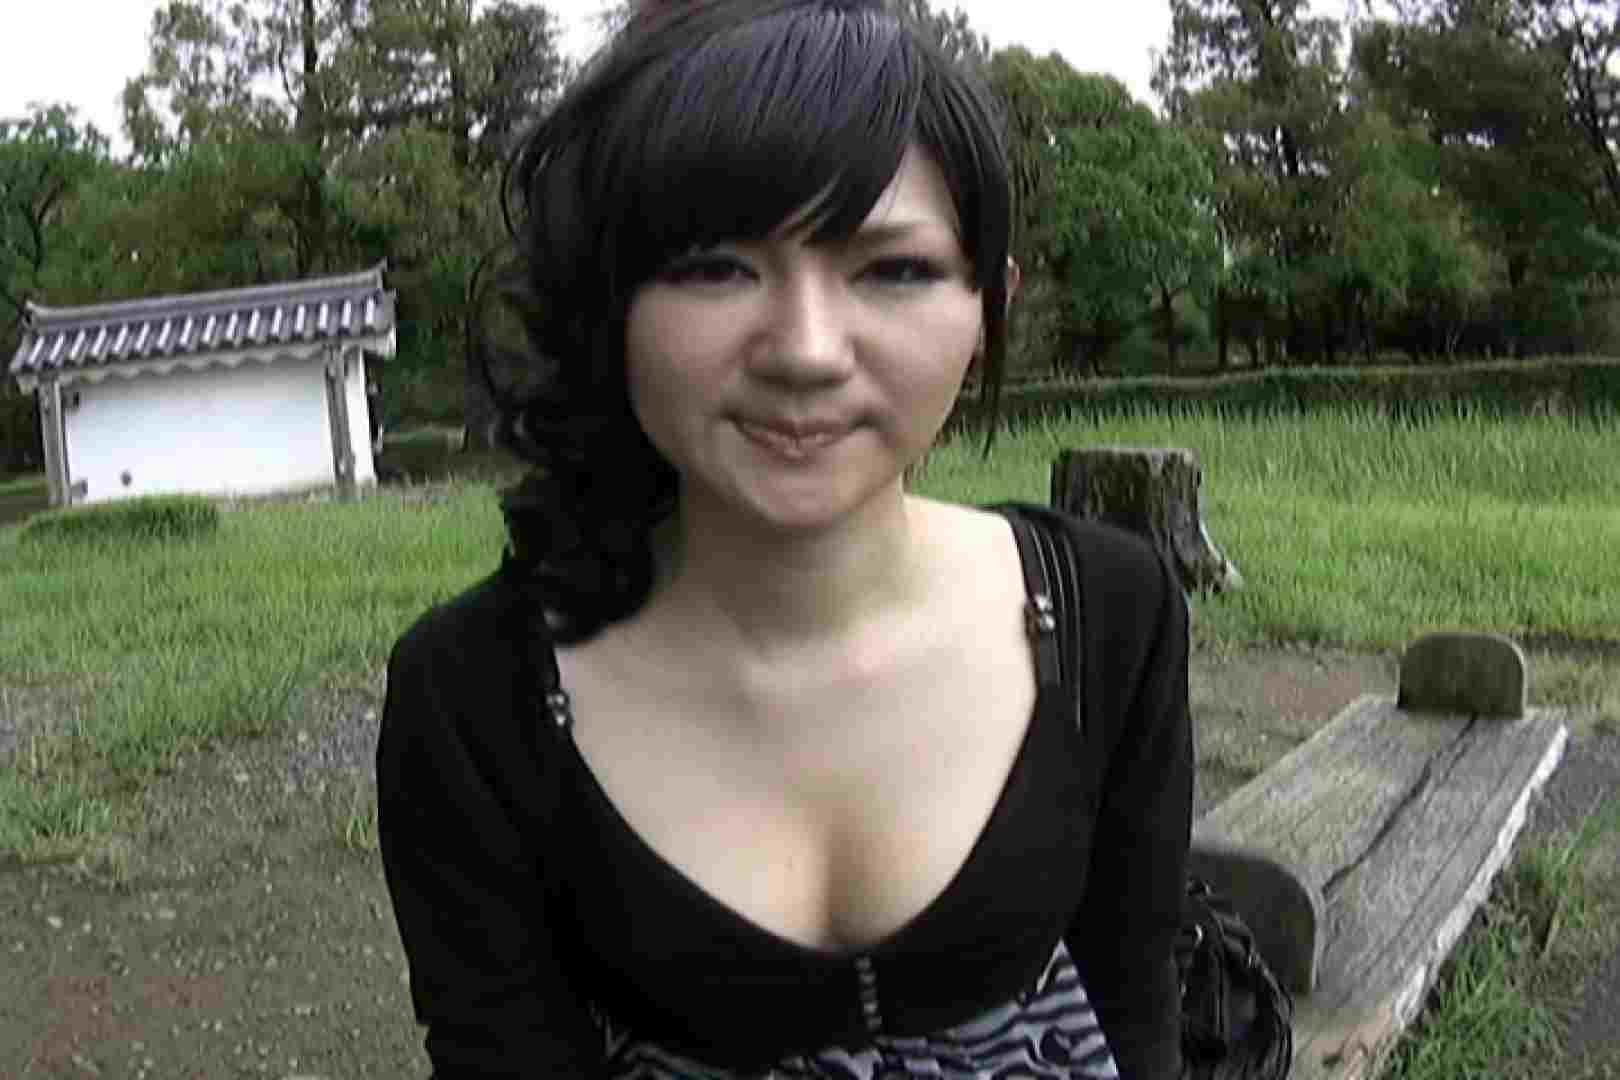 素人ナンパ本番撮り!出会い系でGET!Vol.10 マンコ・ムレムレ ヌード画像 104pic 75